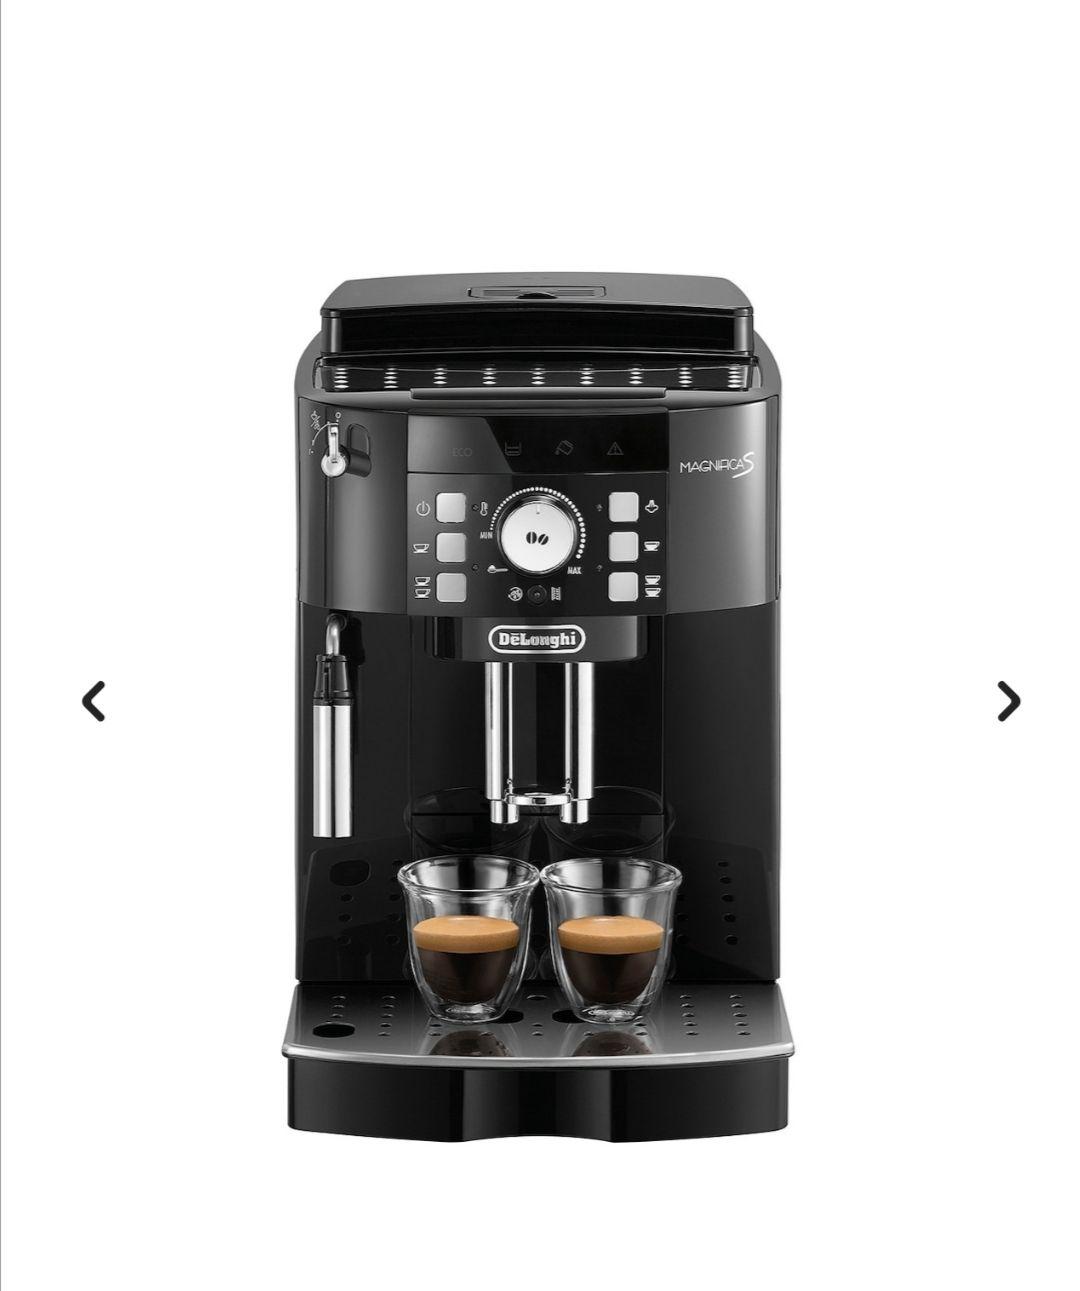 Cafetera superautomática De'Longhi Magnífica con sistema capuccino